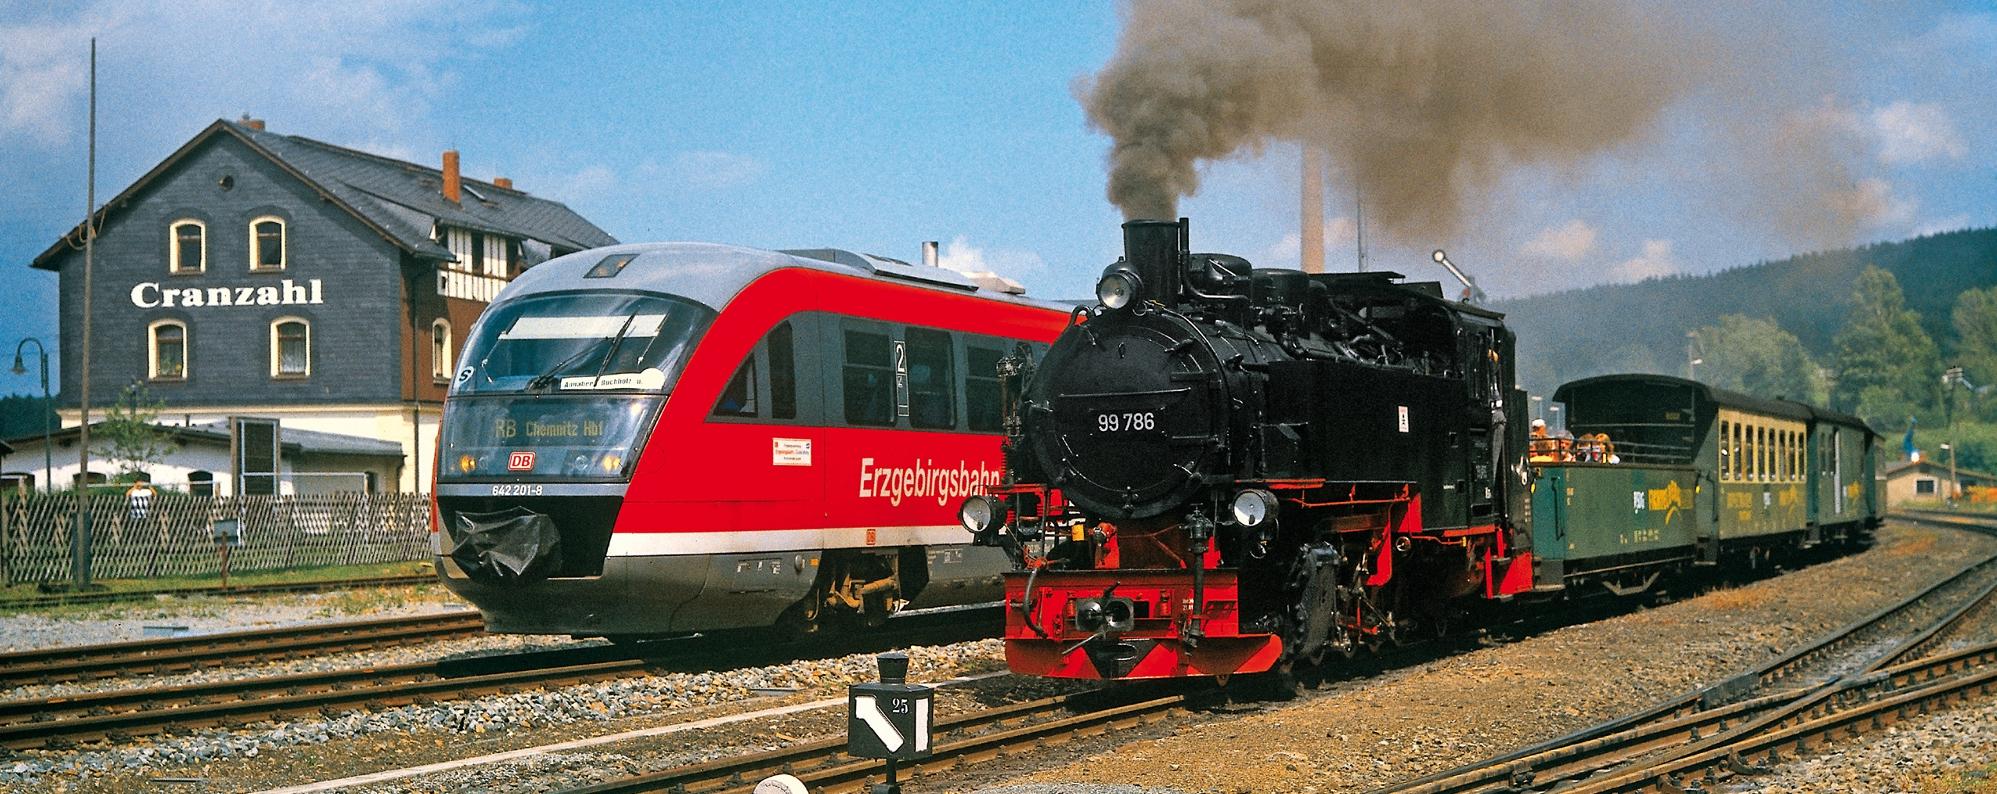 Triebwagen der Erzgebirgsbahn steht neben der Dampflok der Fichtelbergbahn